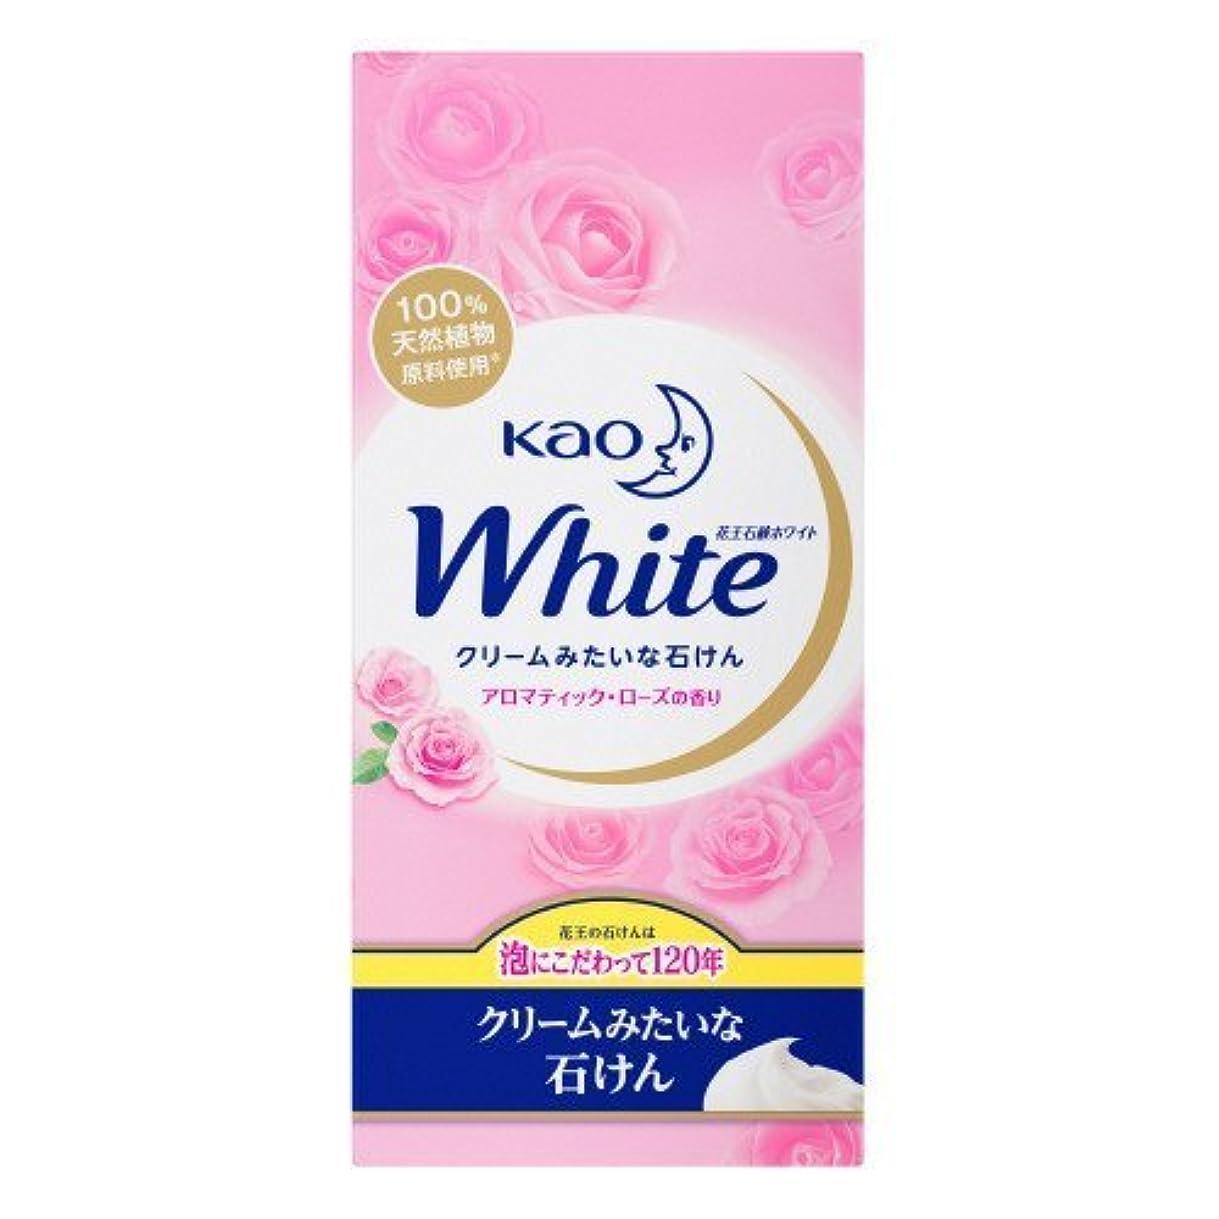 曖昧なアナログ調査【花王】花王ホワイト アロマティックローズの香りレギュラーサイズ (85g×6個) ×10個セット